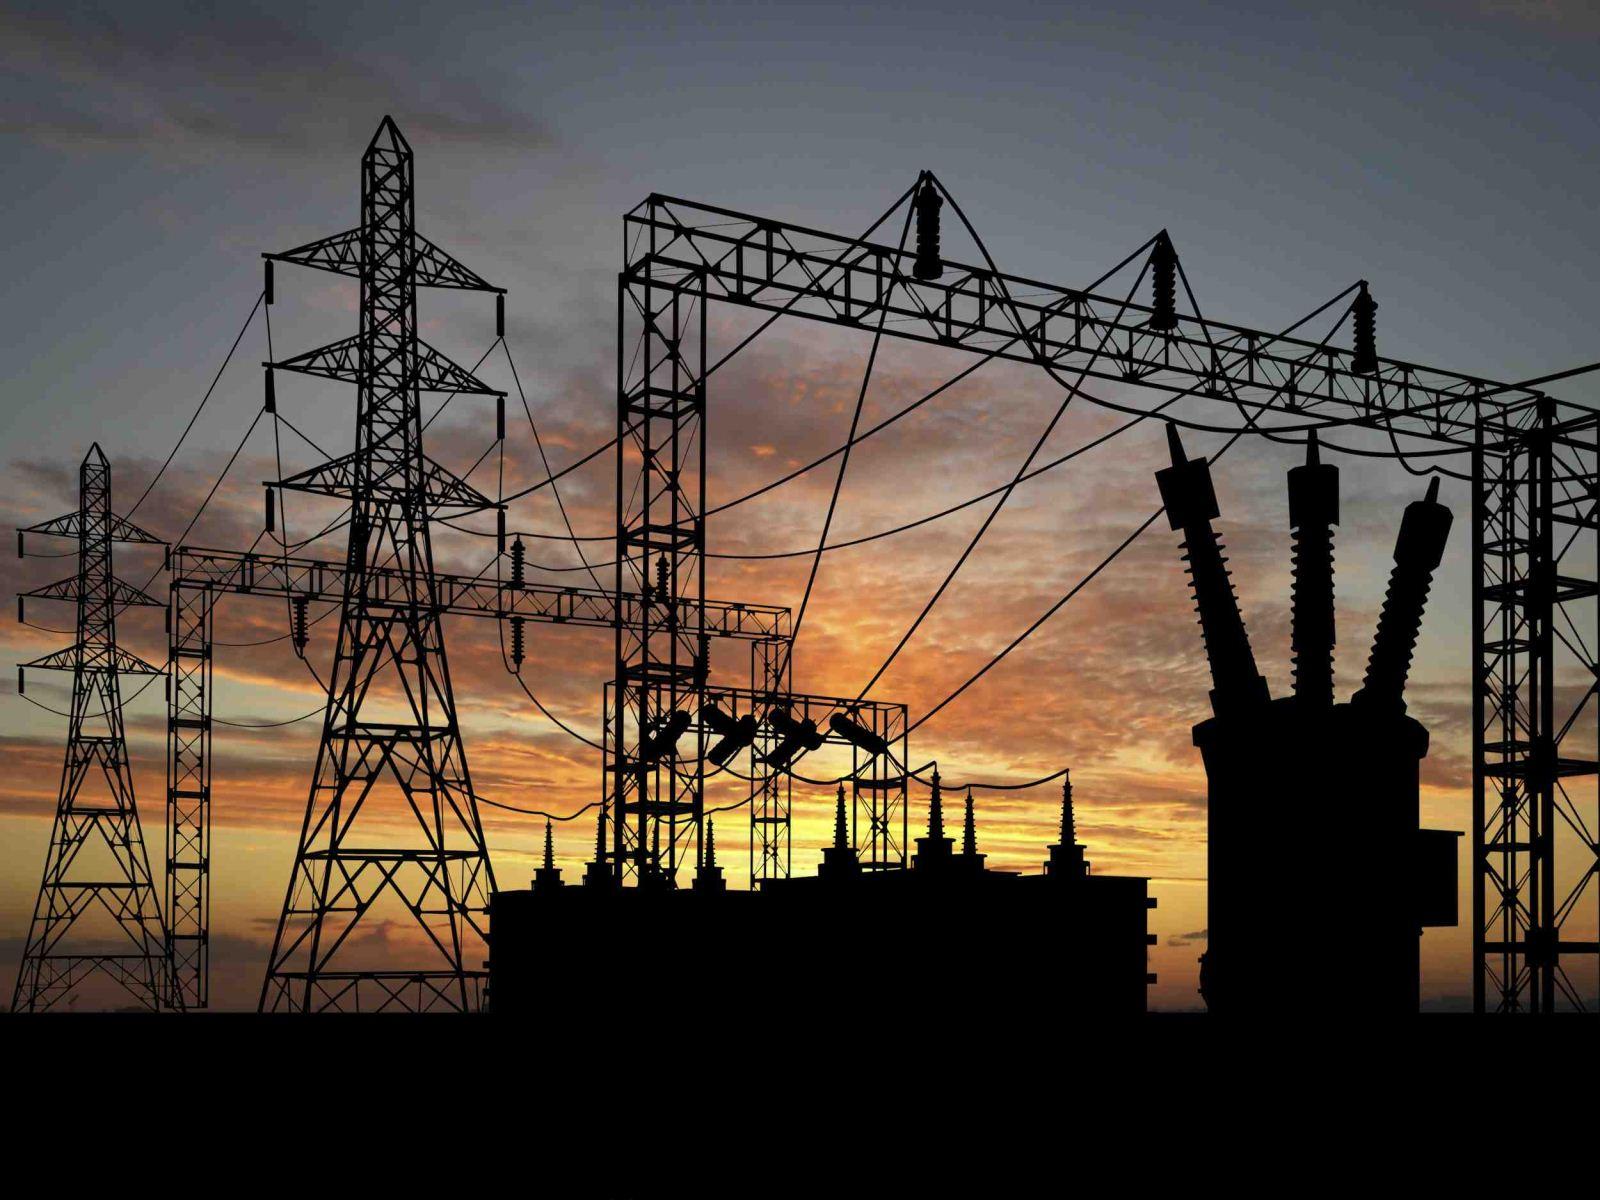 """【电缆网讯】近日,全球知名市场研究公司""""研究与市场""""发布了""""2019年巴西配电变压器市场预测和机遇报告""""的增补版。 报告指出,直到2019年,巴西配电变压器市场预计以年复合增长率5.6%增长。 巴西非常依赖水电项目发电。目前,巴西有各类大型水电项目,如伊泰普水电项目和贝罗蒙特电力项目,后者预计推动变压器的销售。巴西还重点关注增加可再生能源的使用,利用风能和太阳能等发电,这将进一步刺激配电变压器的需求。 由于增长的电力需求和放宽电力准入的要求,传输扩张继续成"""